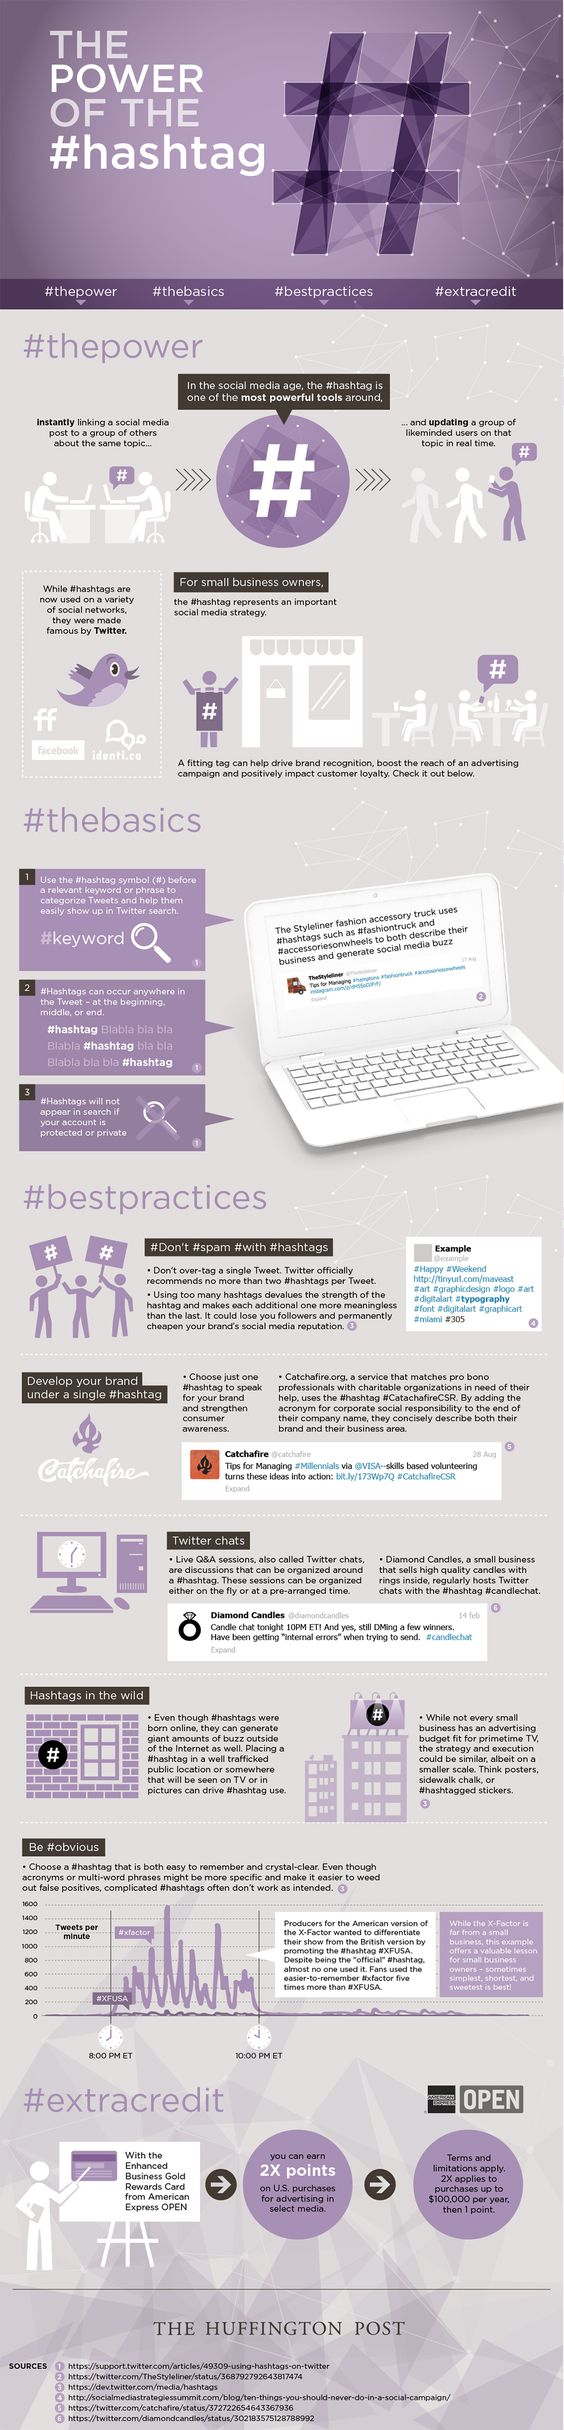 Best Practices For Using Hashtags [Infographic] ~ Digital Information World Conceptos básicos de hashtag, cómo utilizarlo y algunas de las mejores prácticas.